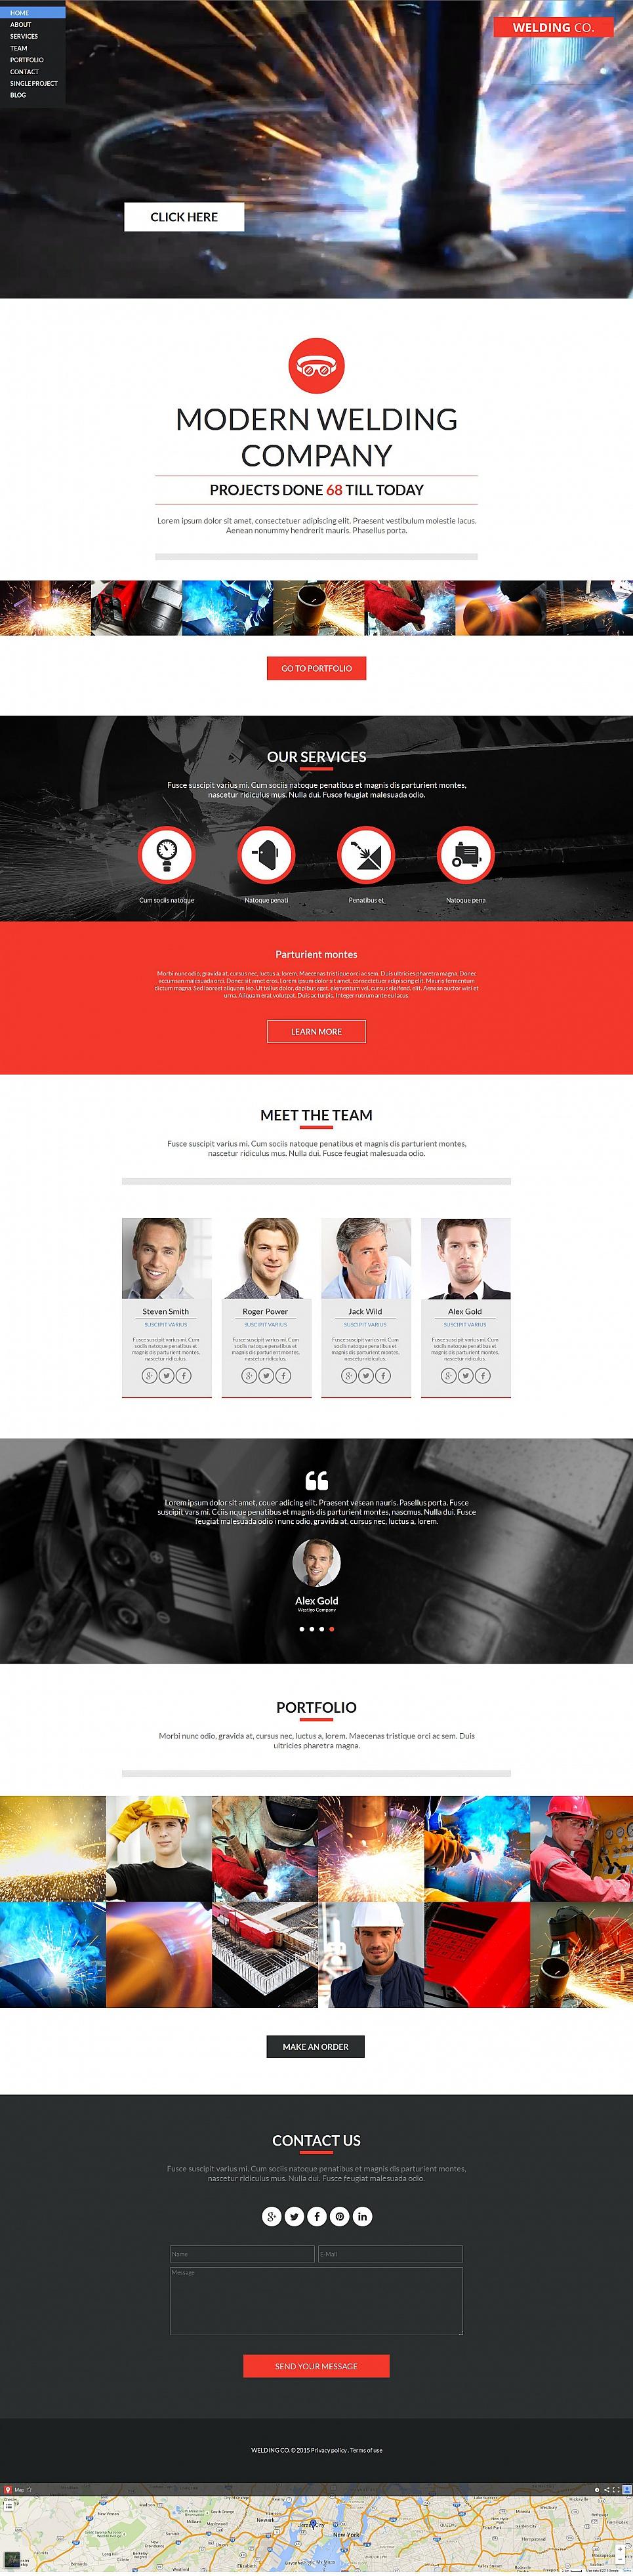 MotoCMS HTML Plantilla #54920 de categoría Industria - image